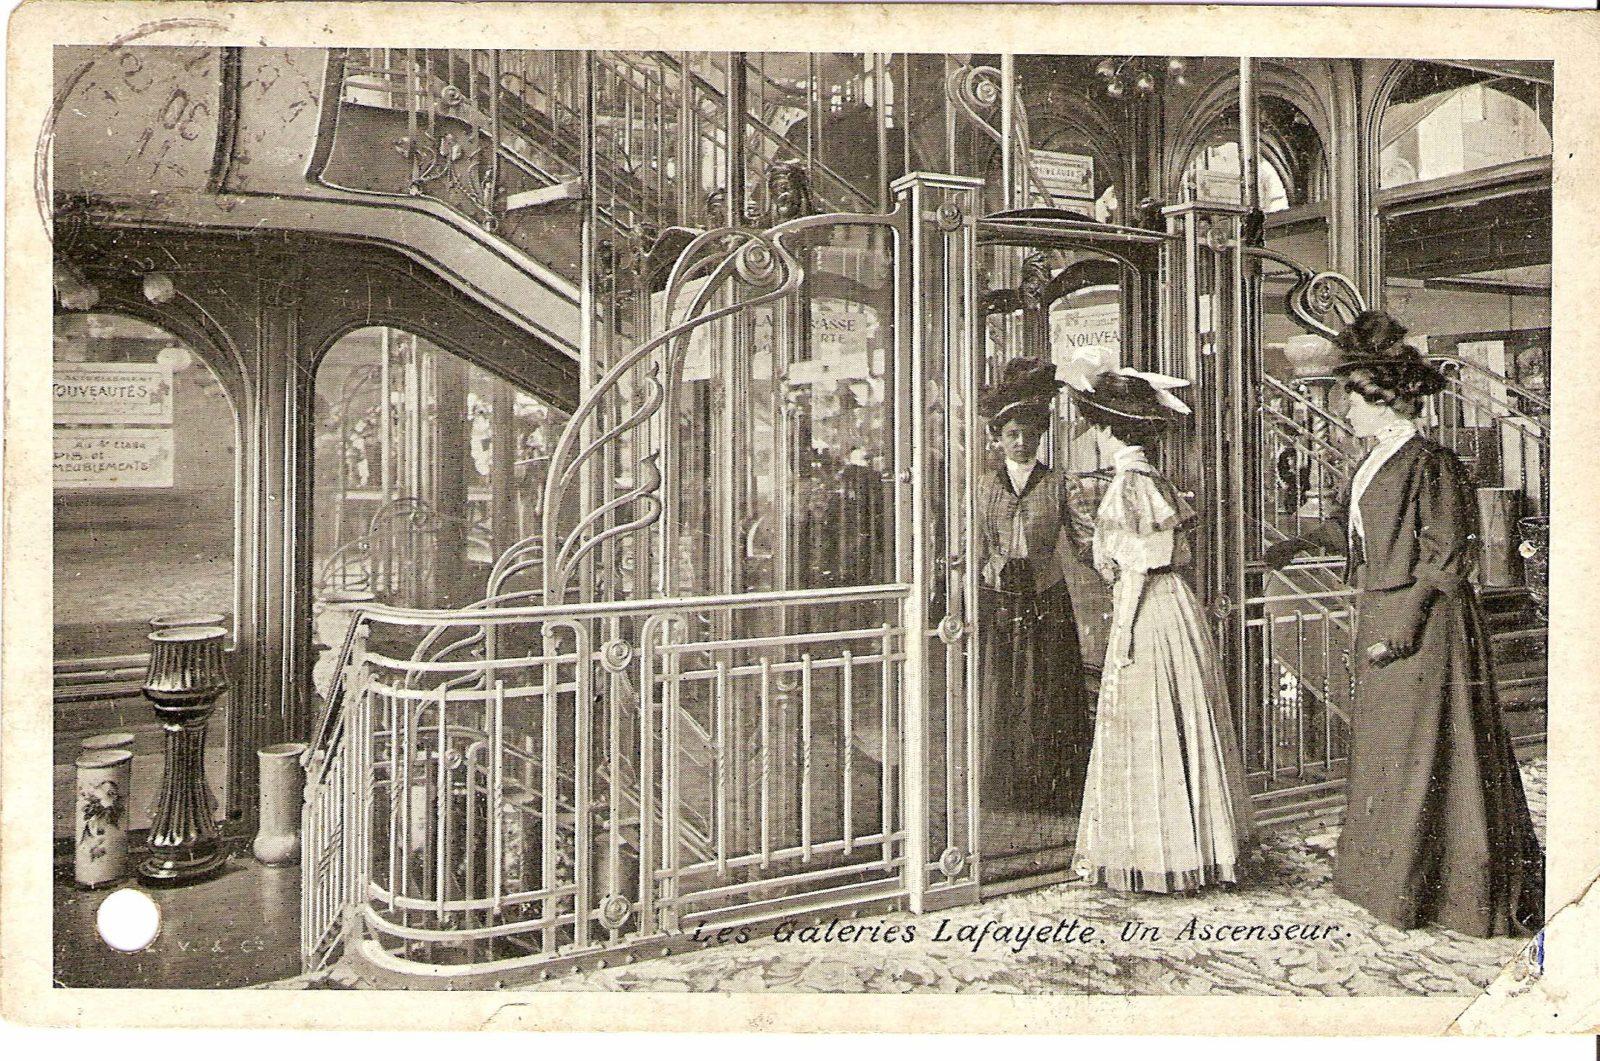 Galeries Lafayette Paris Haussmann -un ascenseur